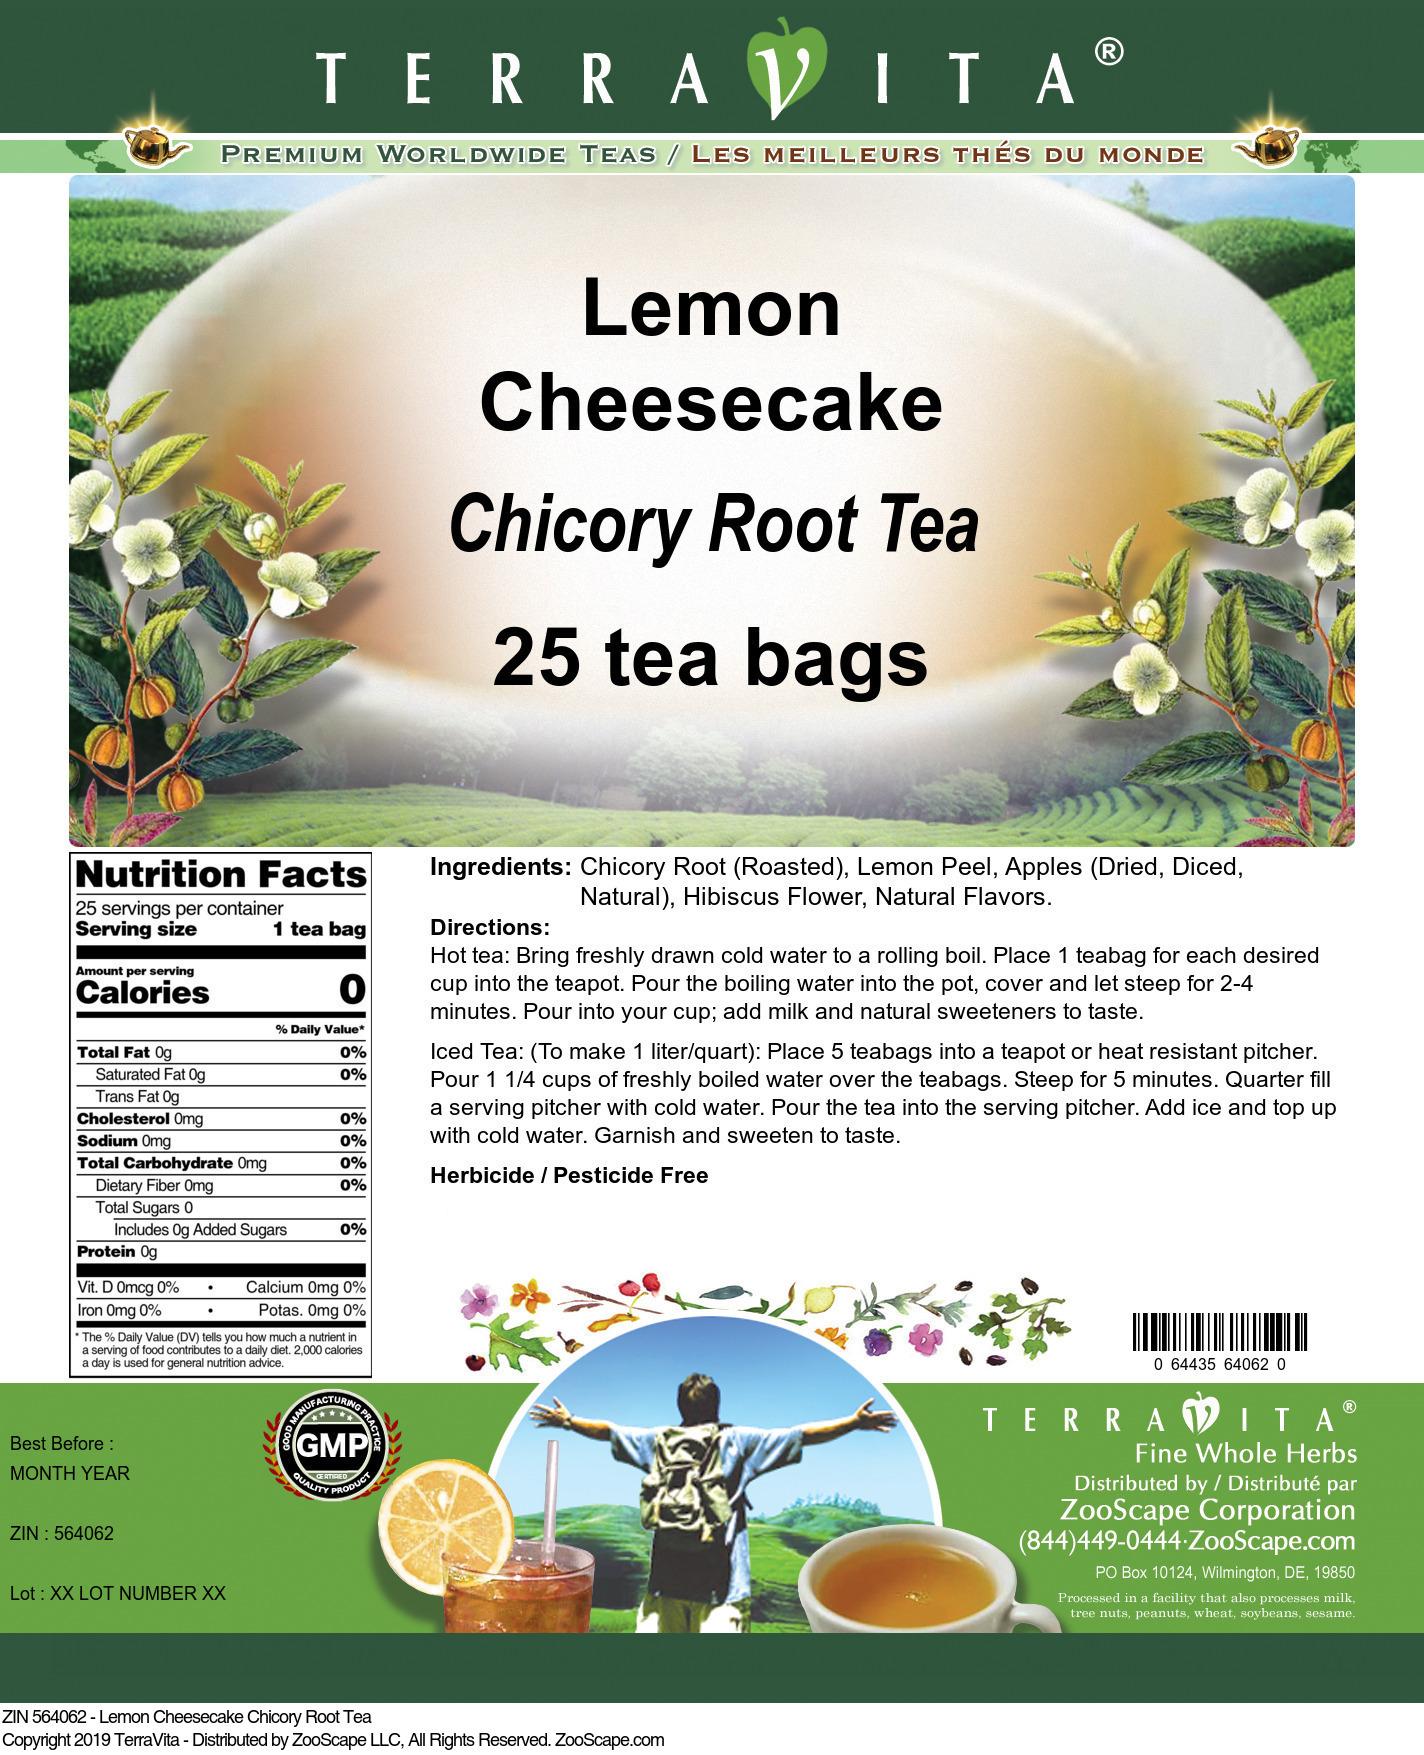 Lemon Cheesecake Chicory Root